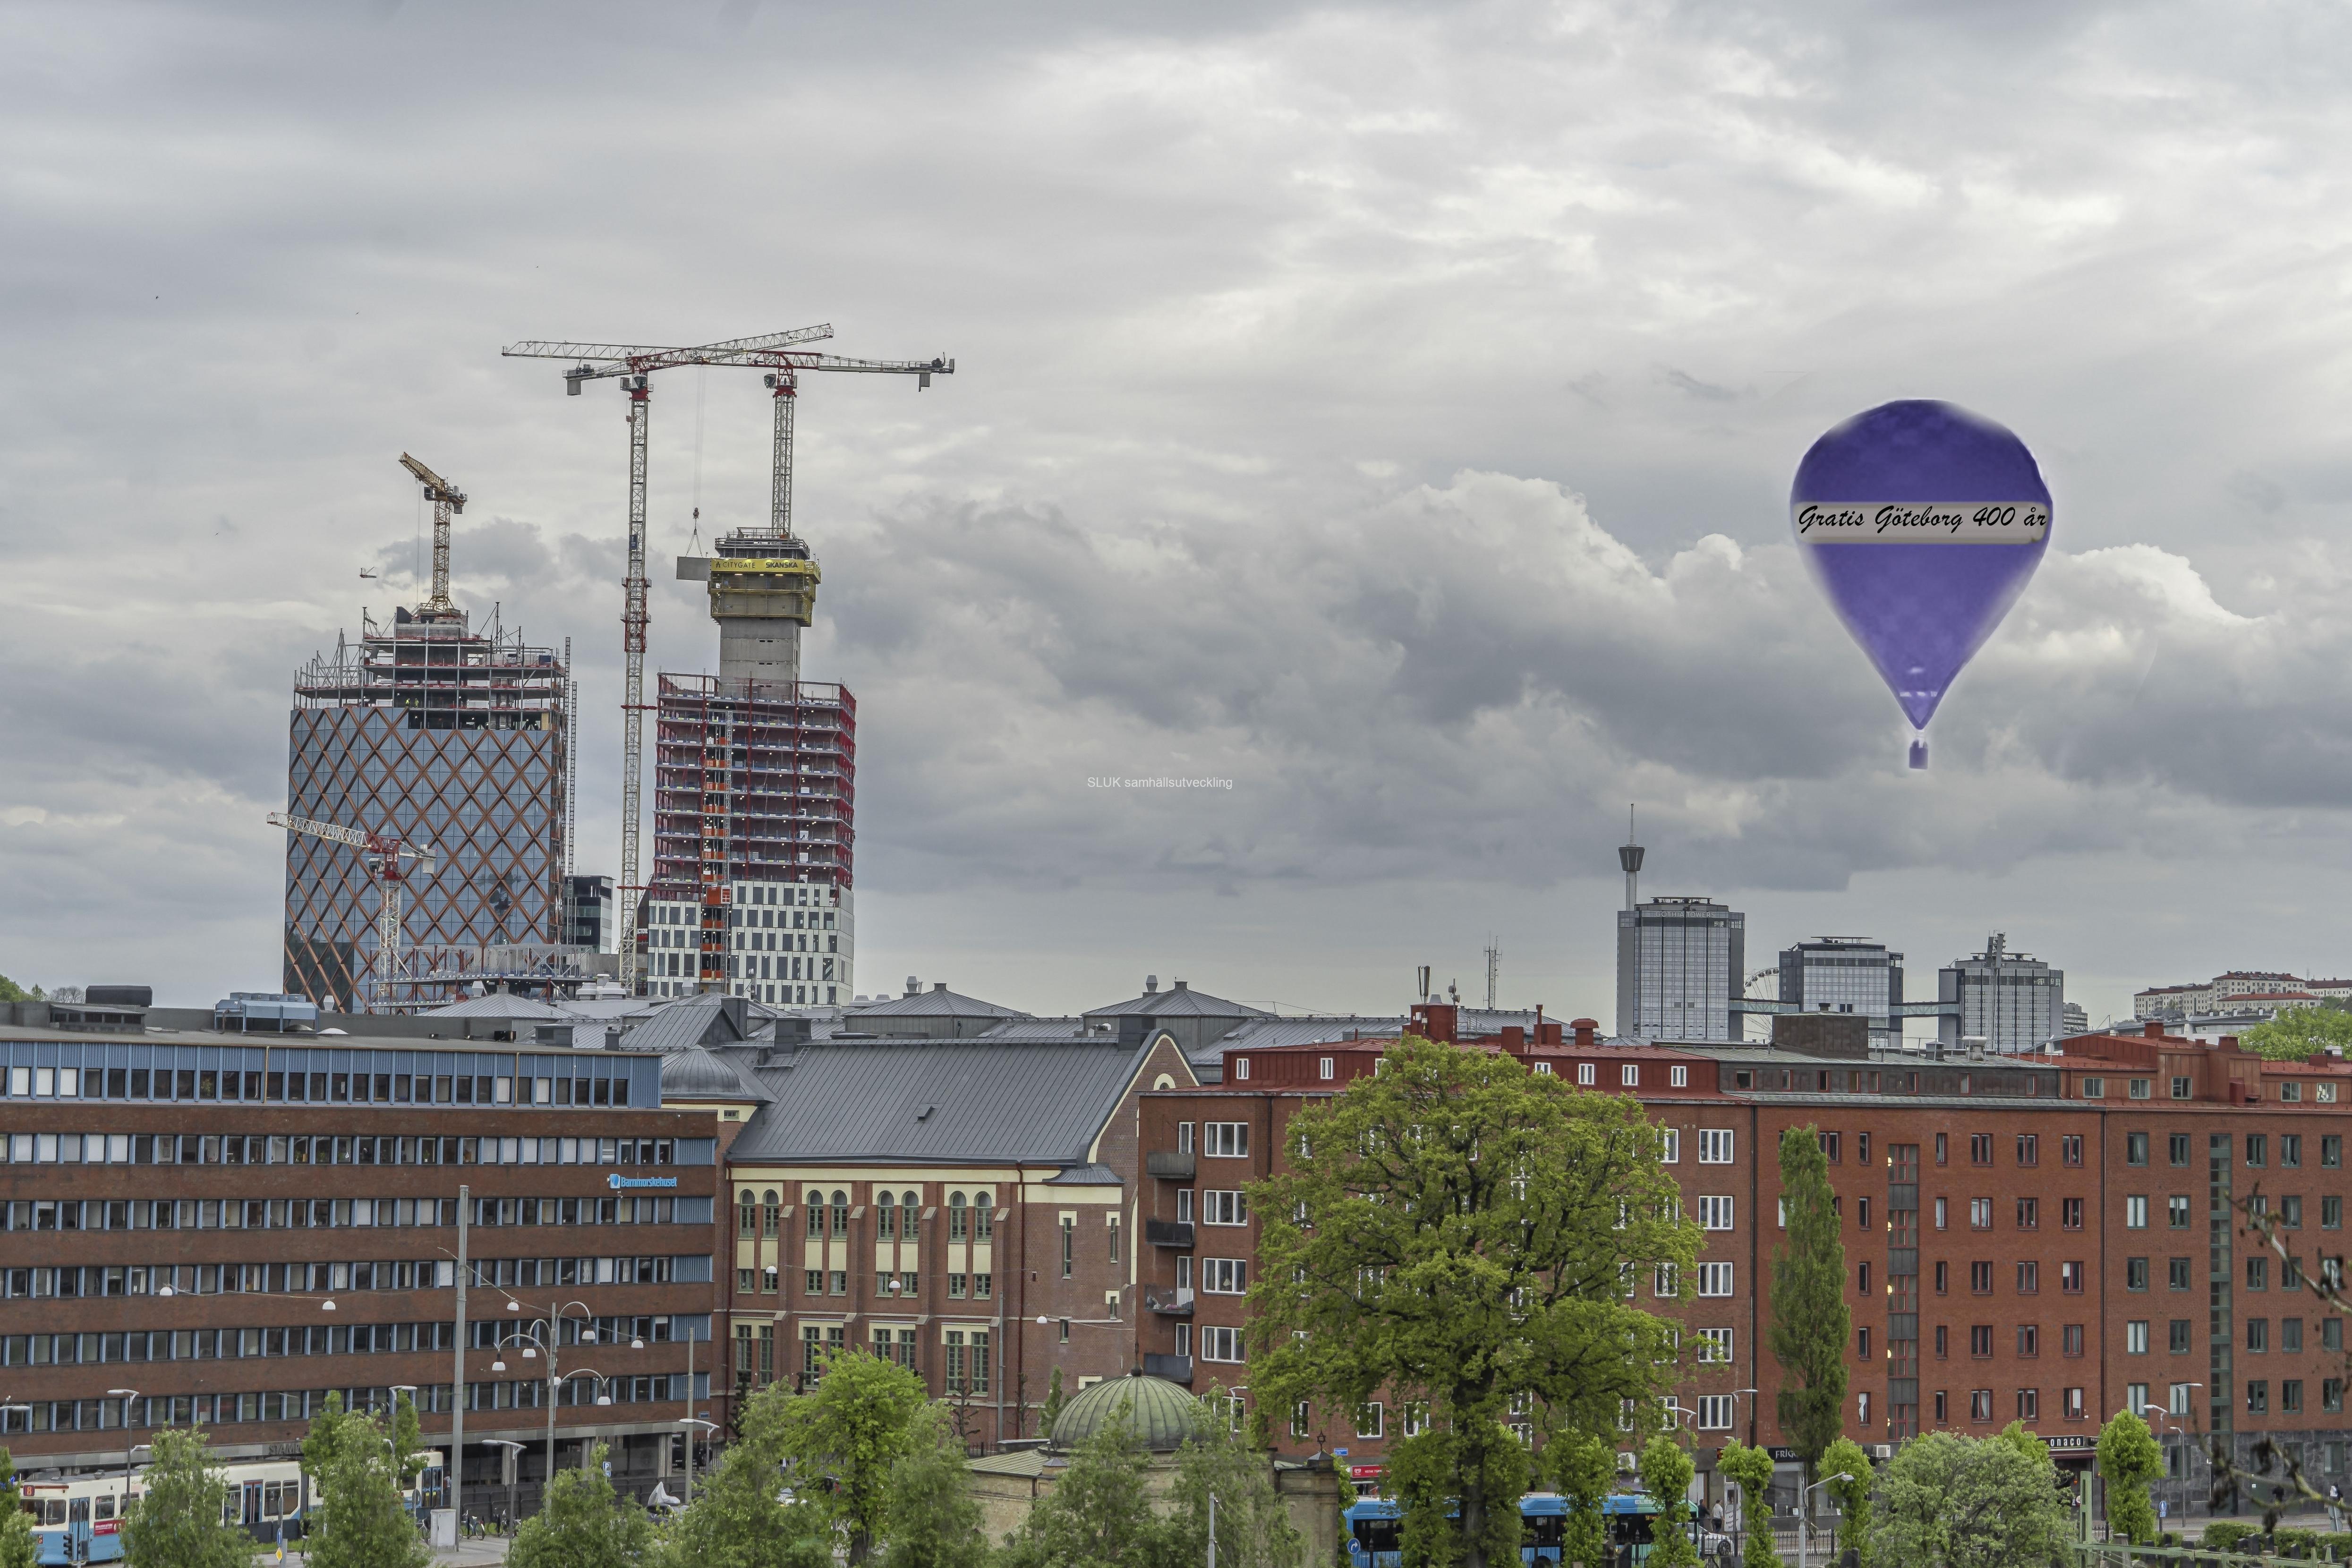 Många gratulationer Göteborg 400 år!